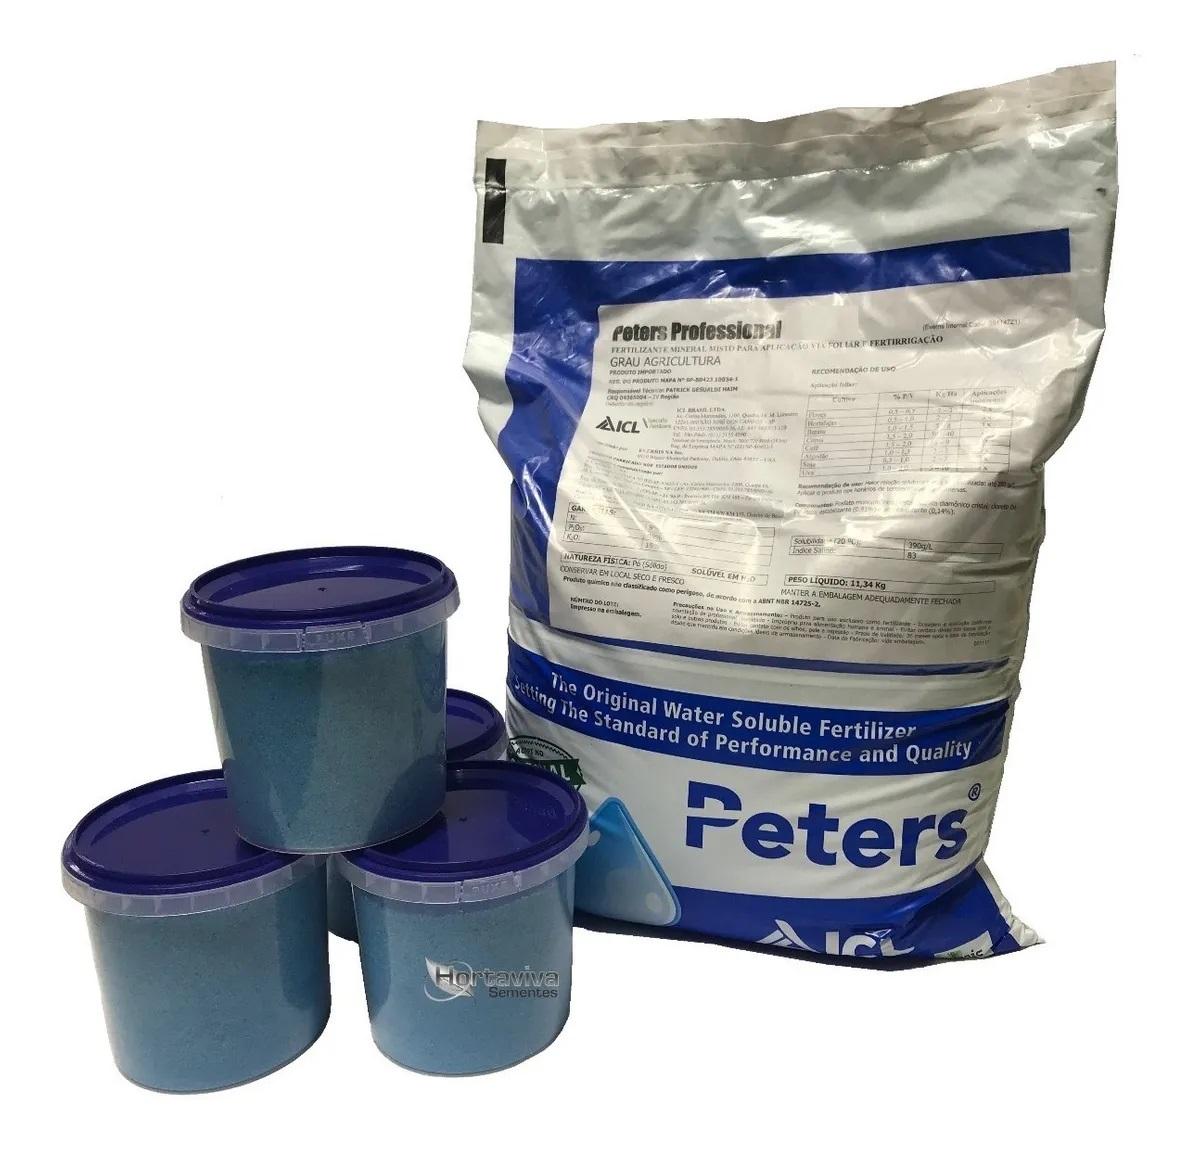 Fertilizante Peters Original - 09:45:15 - 11,34 Kilos